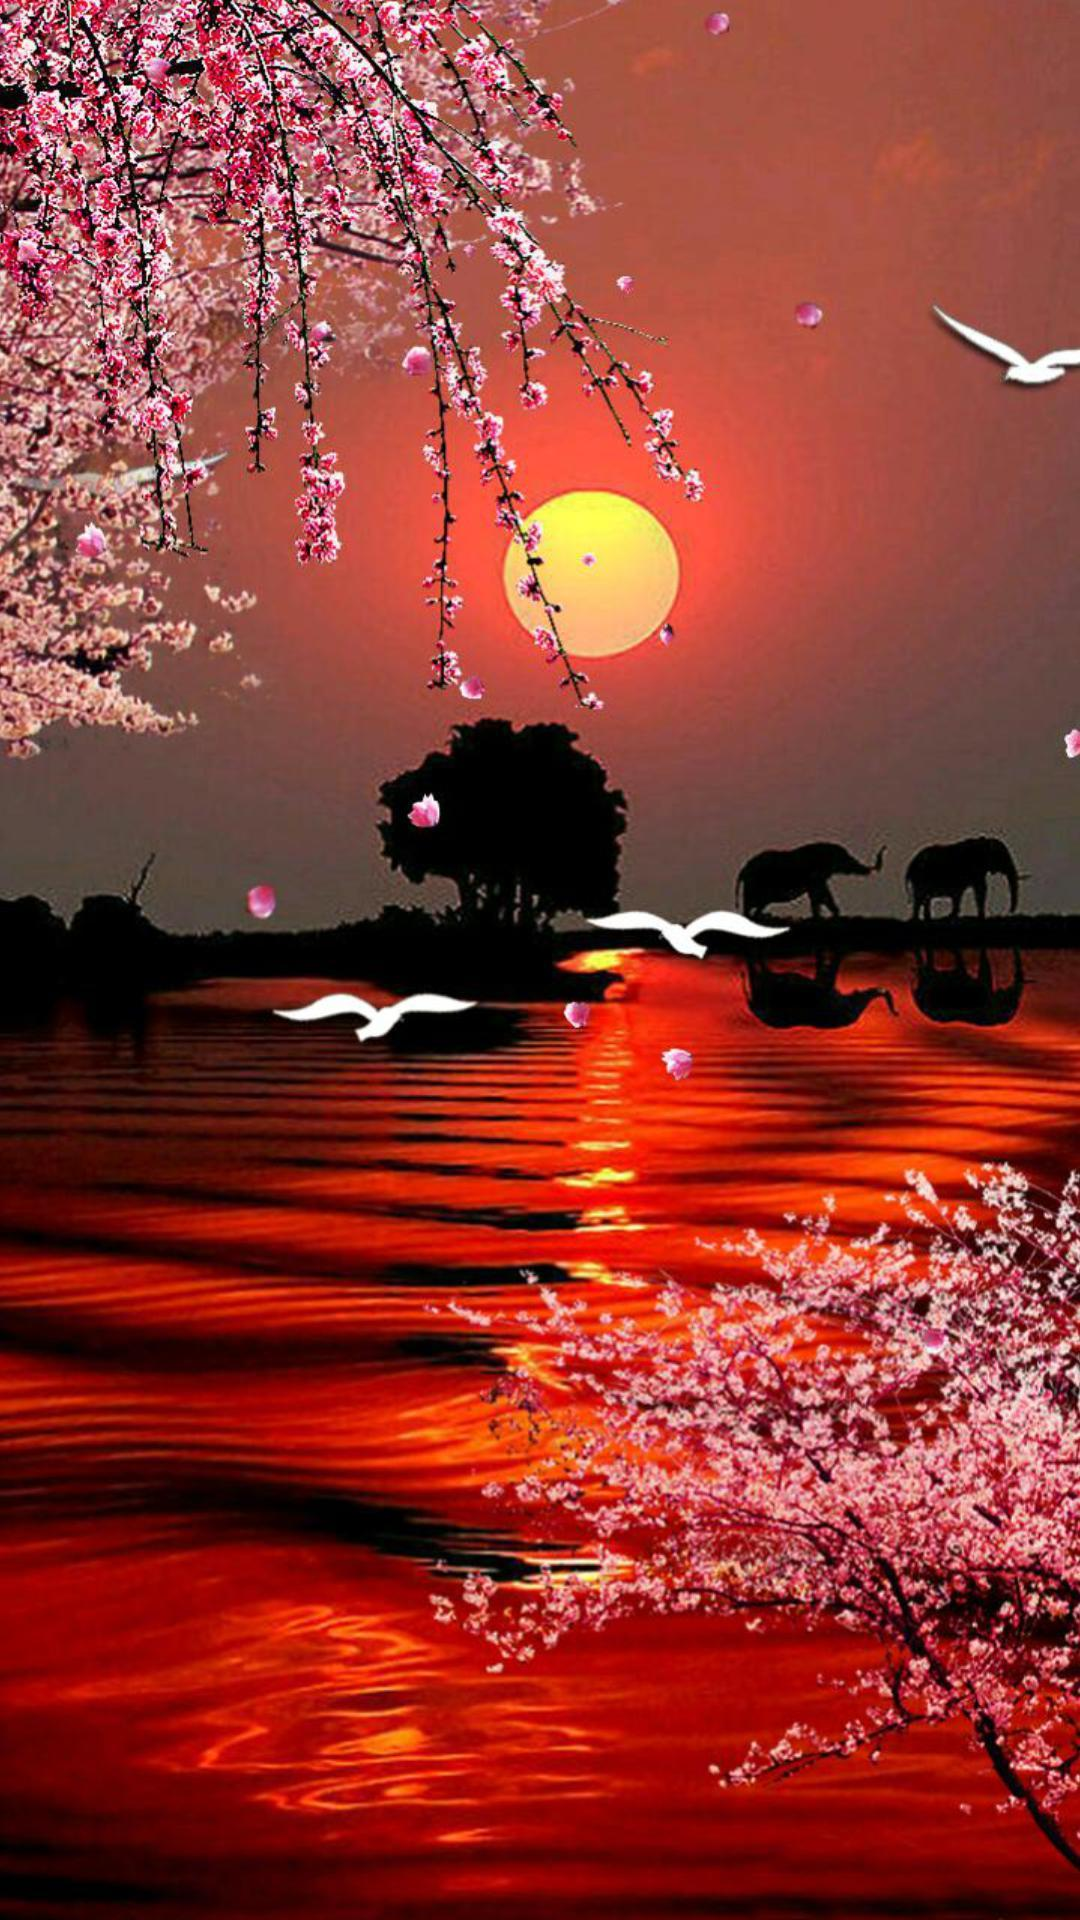 夕阳红主题动态壁纸